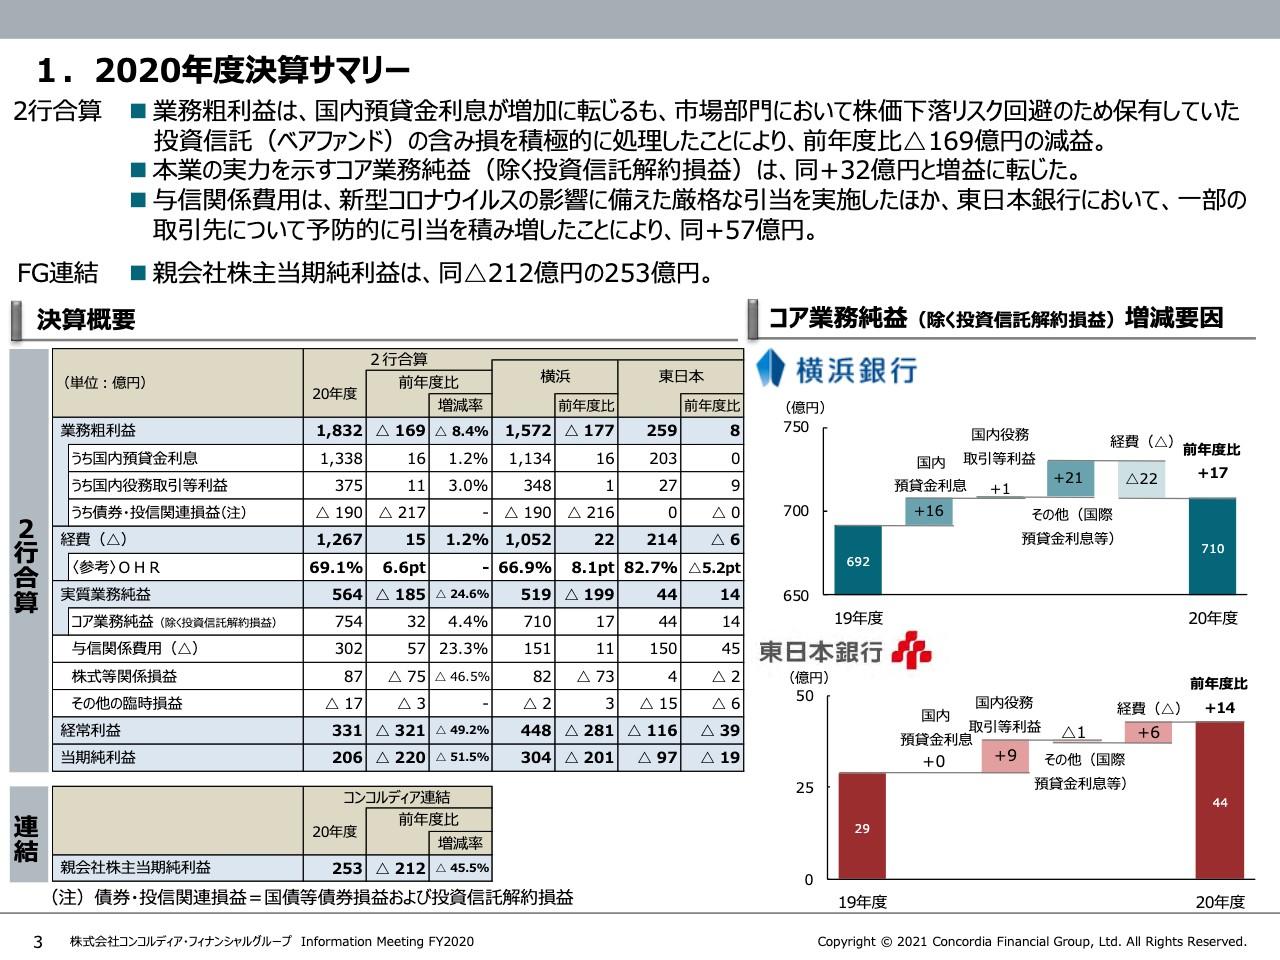 コンコルディアFG、業務粗利益は前年度比169億円減 ベアファンドの含み損を積極的に処理したことが要因